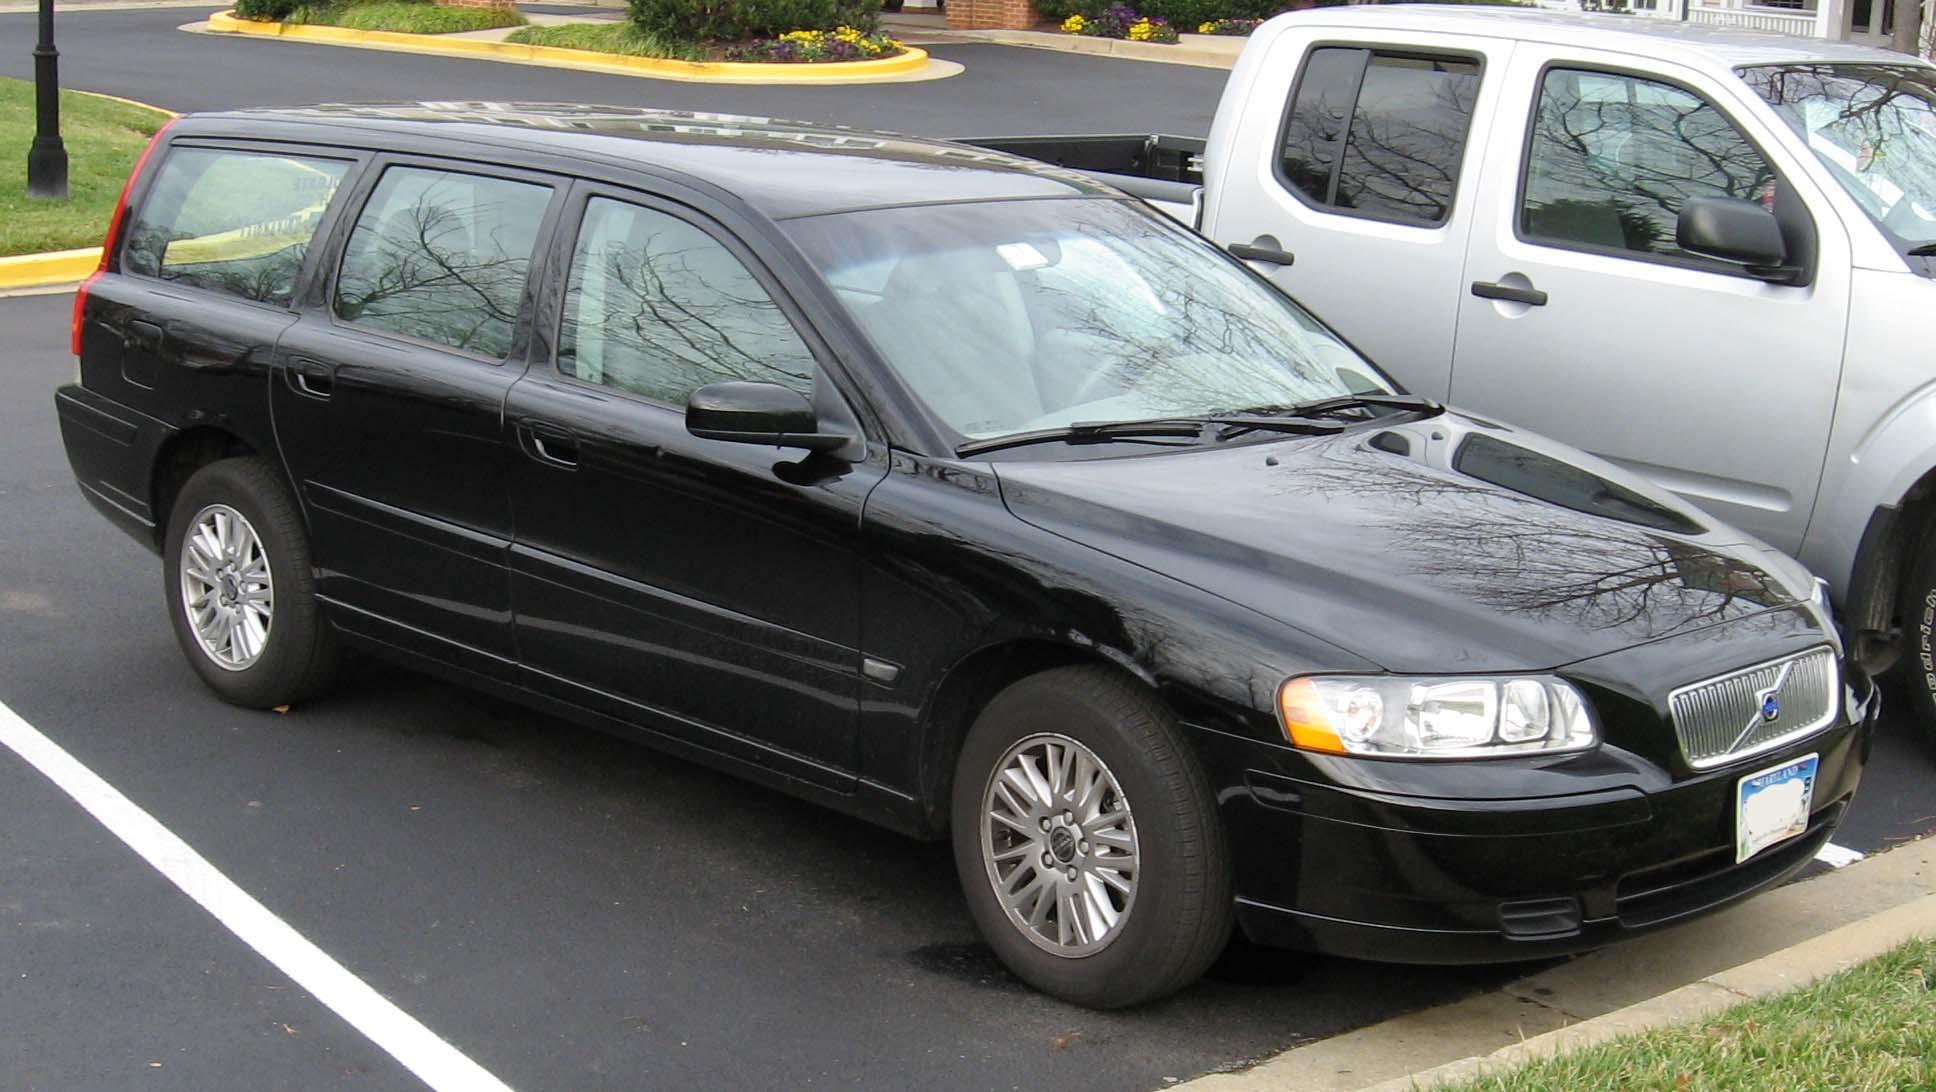 Volvo V70 Wiki >> File:05-07 Volvo V70.jpg - Wikimedia Commons